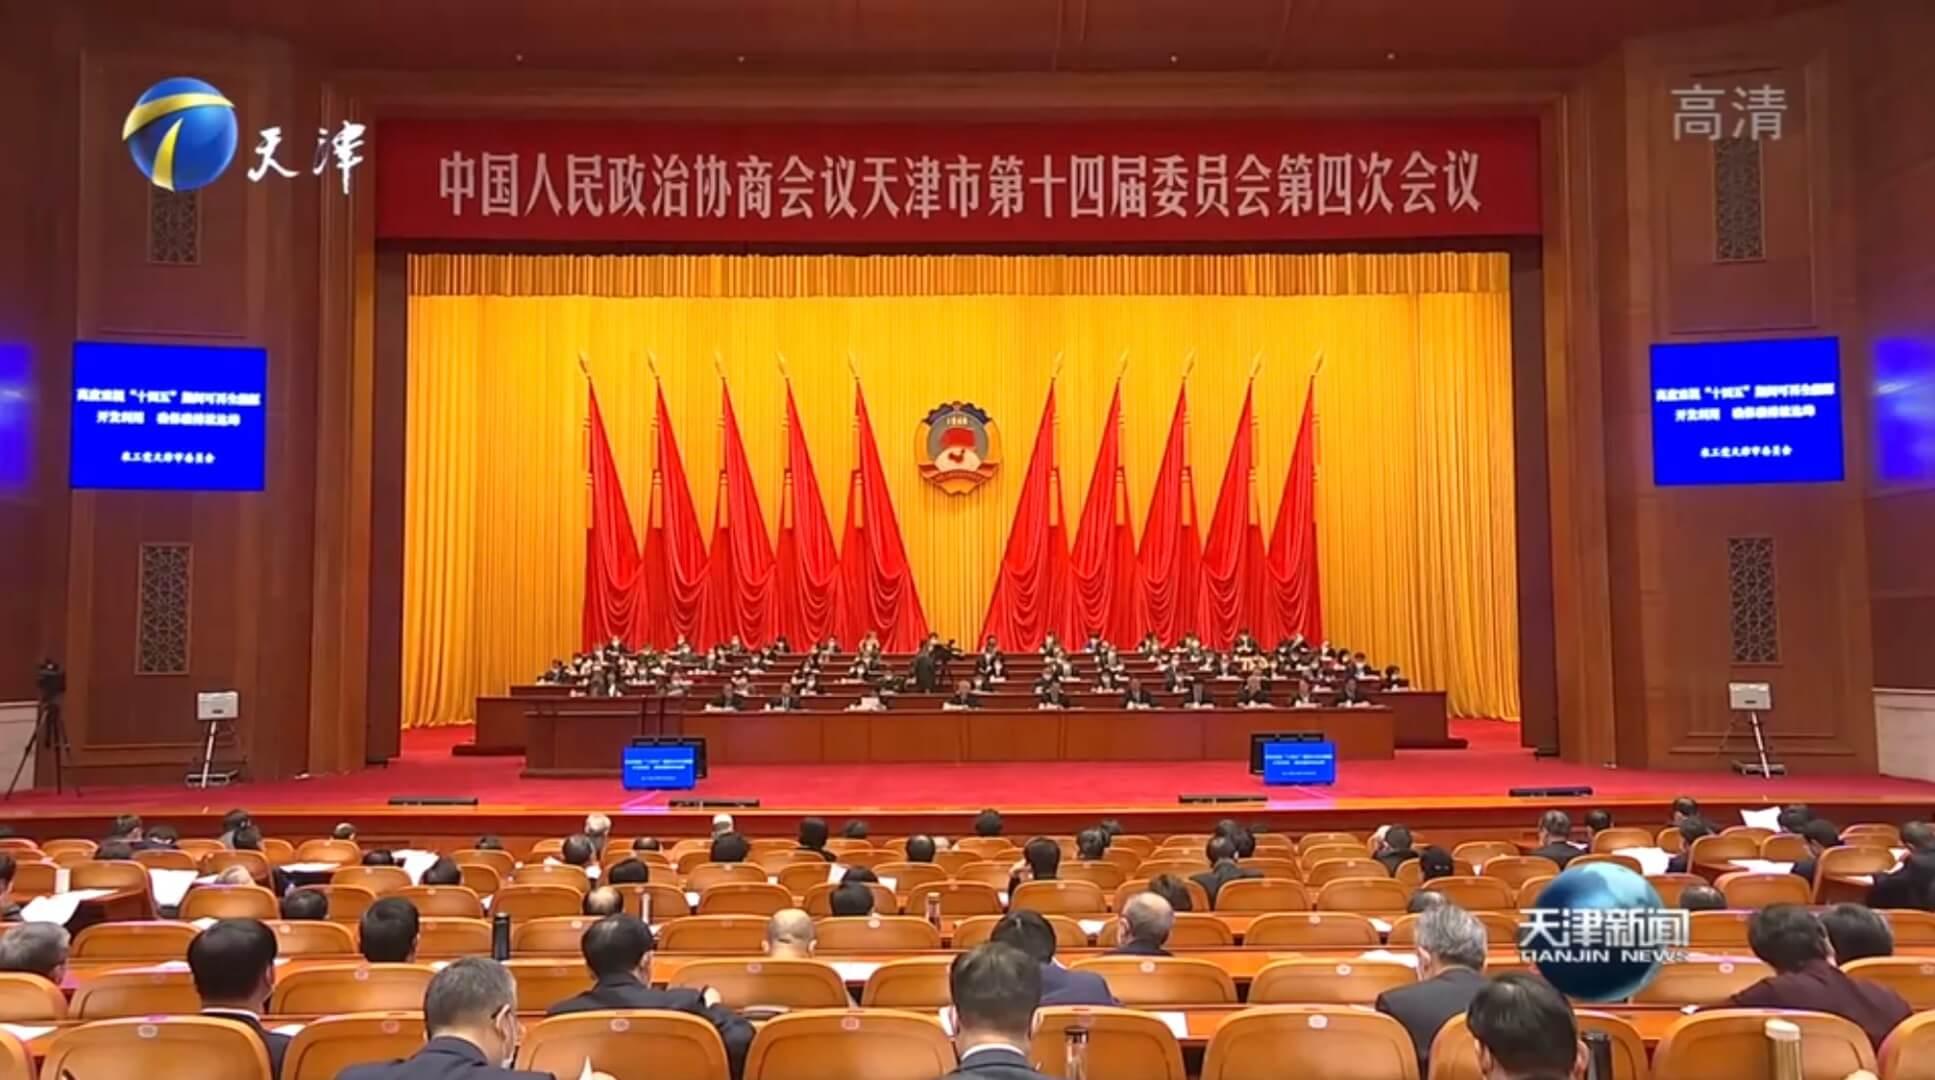 云账户董事长参加2021年天津两会并发言 11